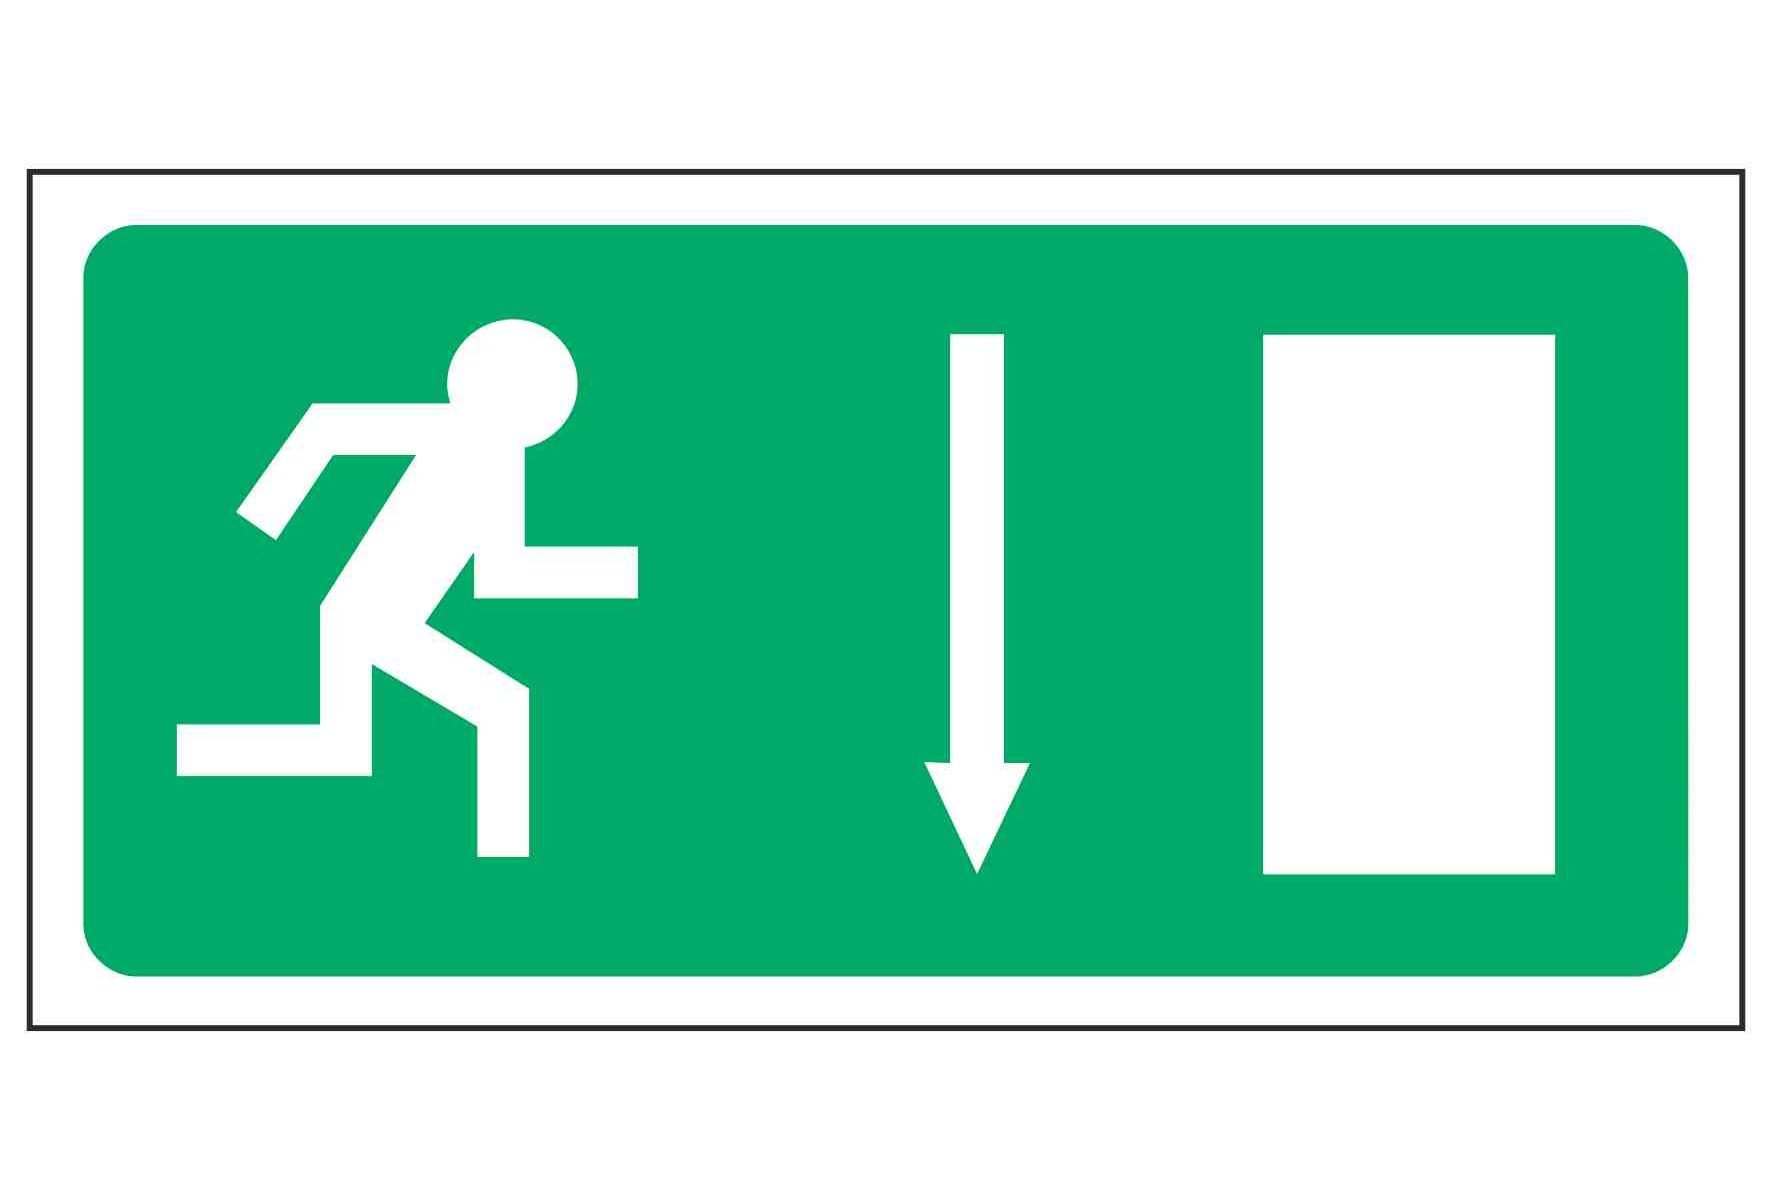 Running Man Right / Arrow Down - EEC 92/58